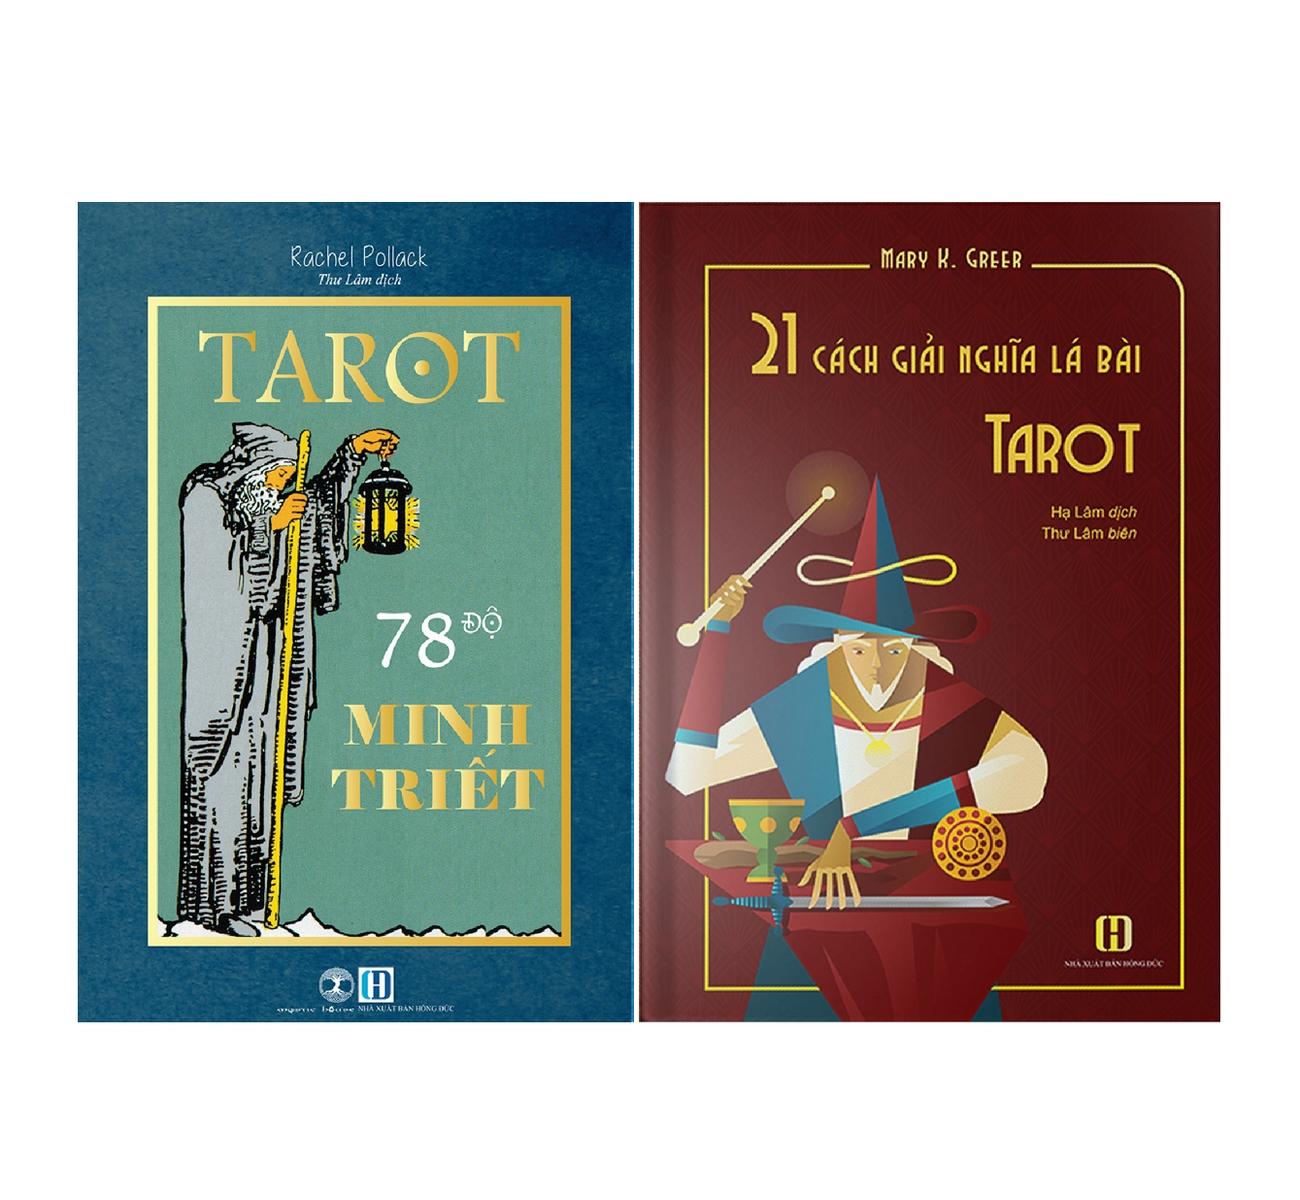 Combo Sách Tarot 78 Độ Minh Triết + 21 Cách Giải Nghĩa Lá Bài Tarot 9